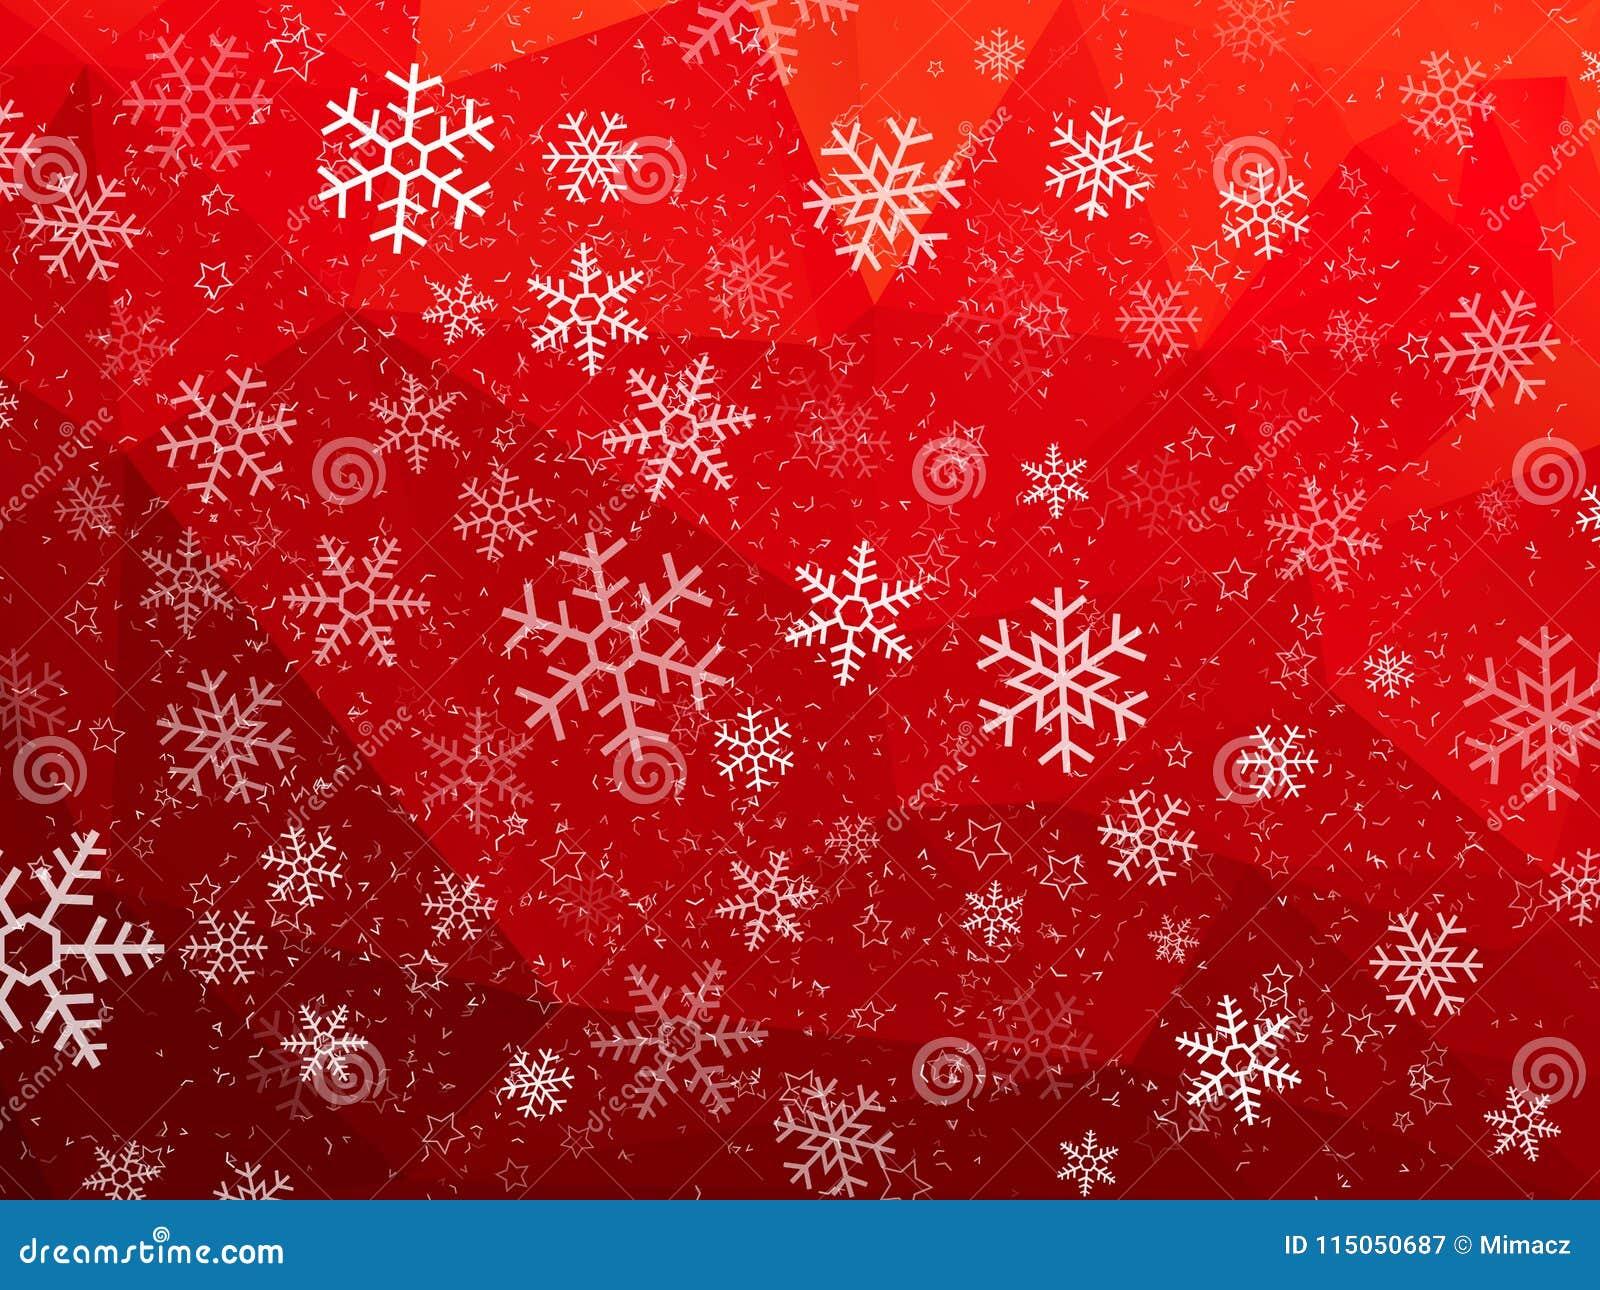 Roter abstrakter Weihnachtshintergrund mit Schneeflocken